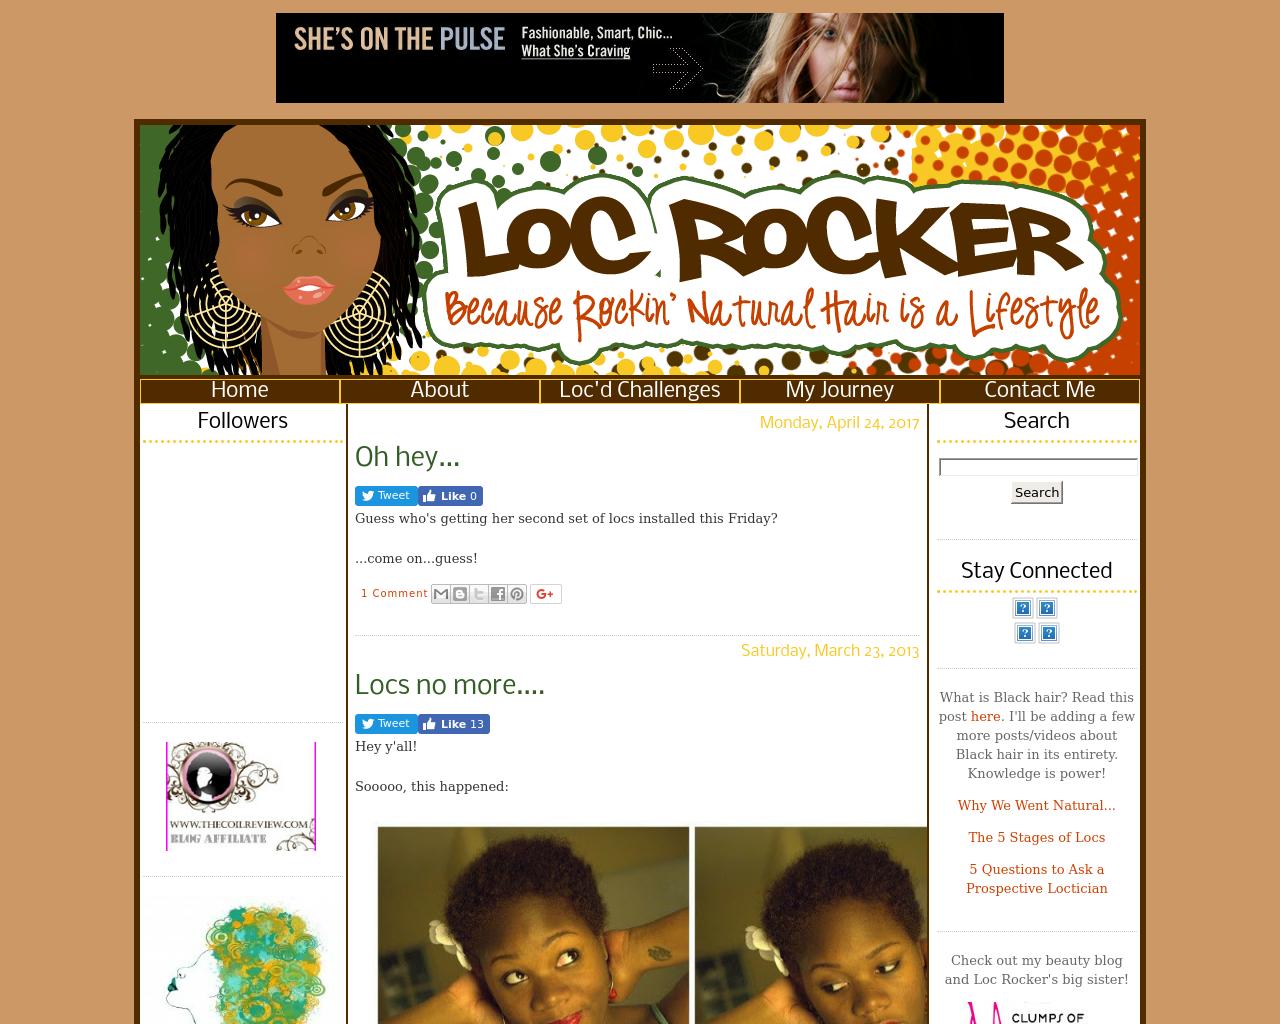 Loc-Rocker-Advertising-Reviews-Pricing